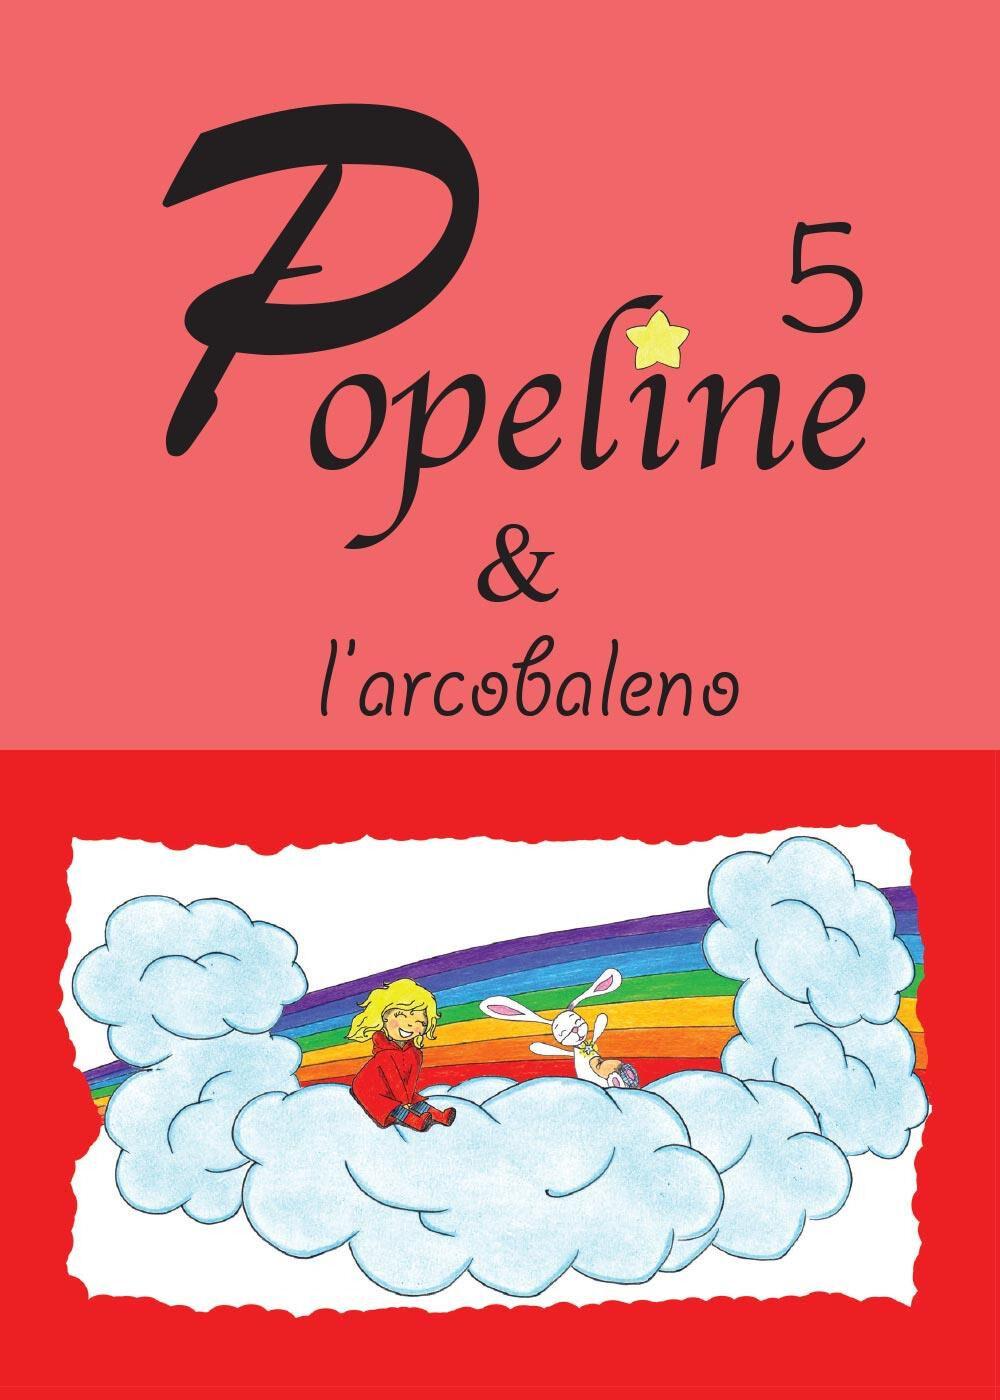 Popeline e l'arcobaleno